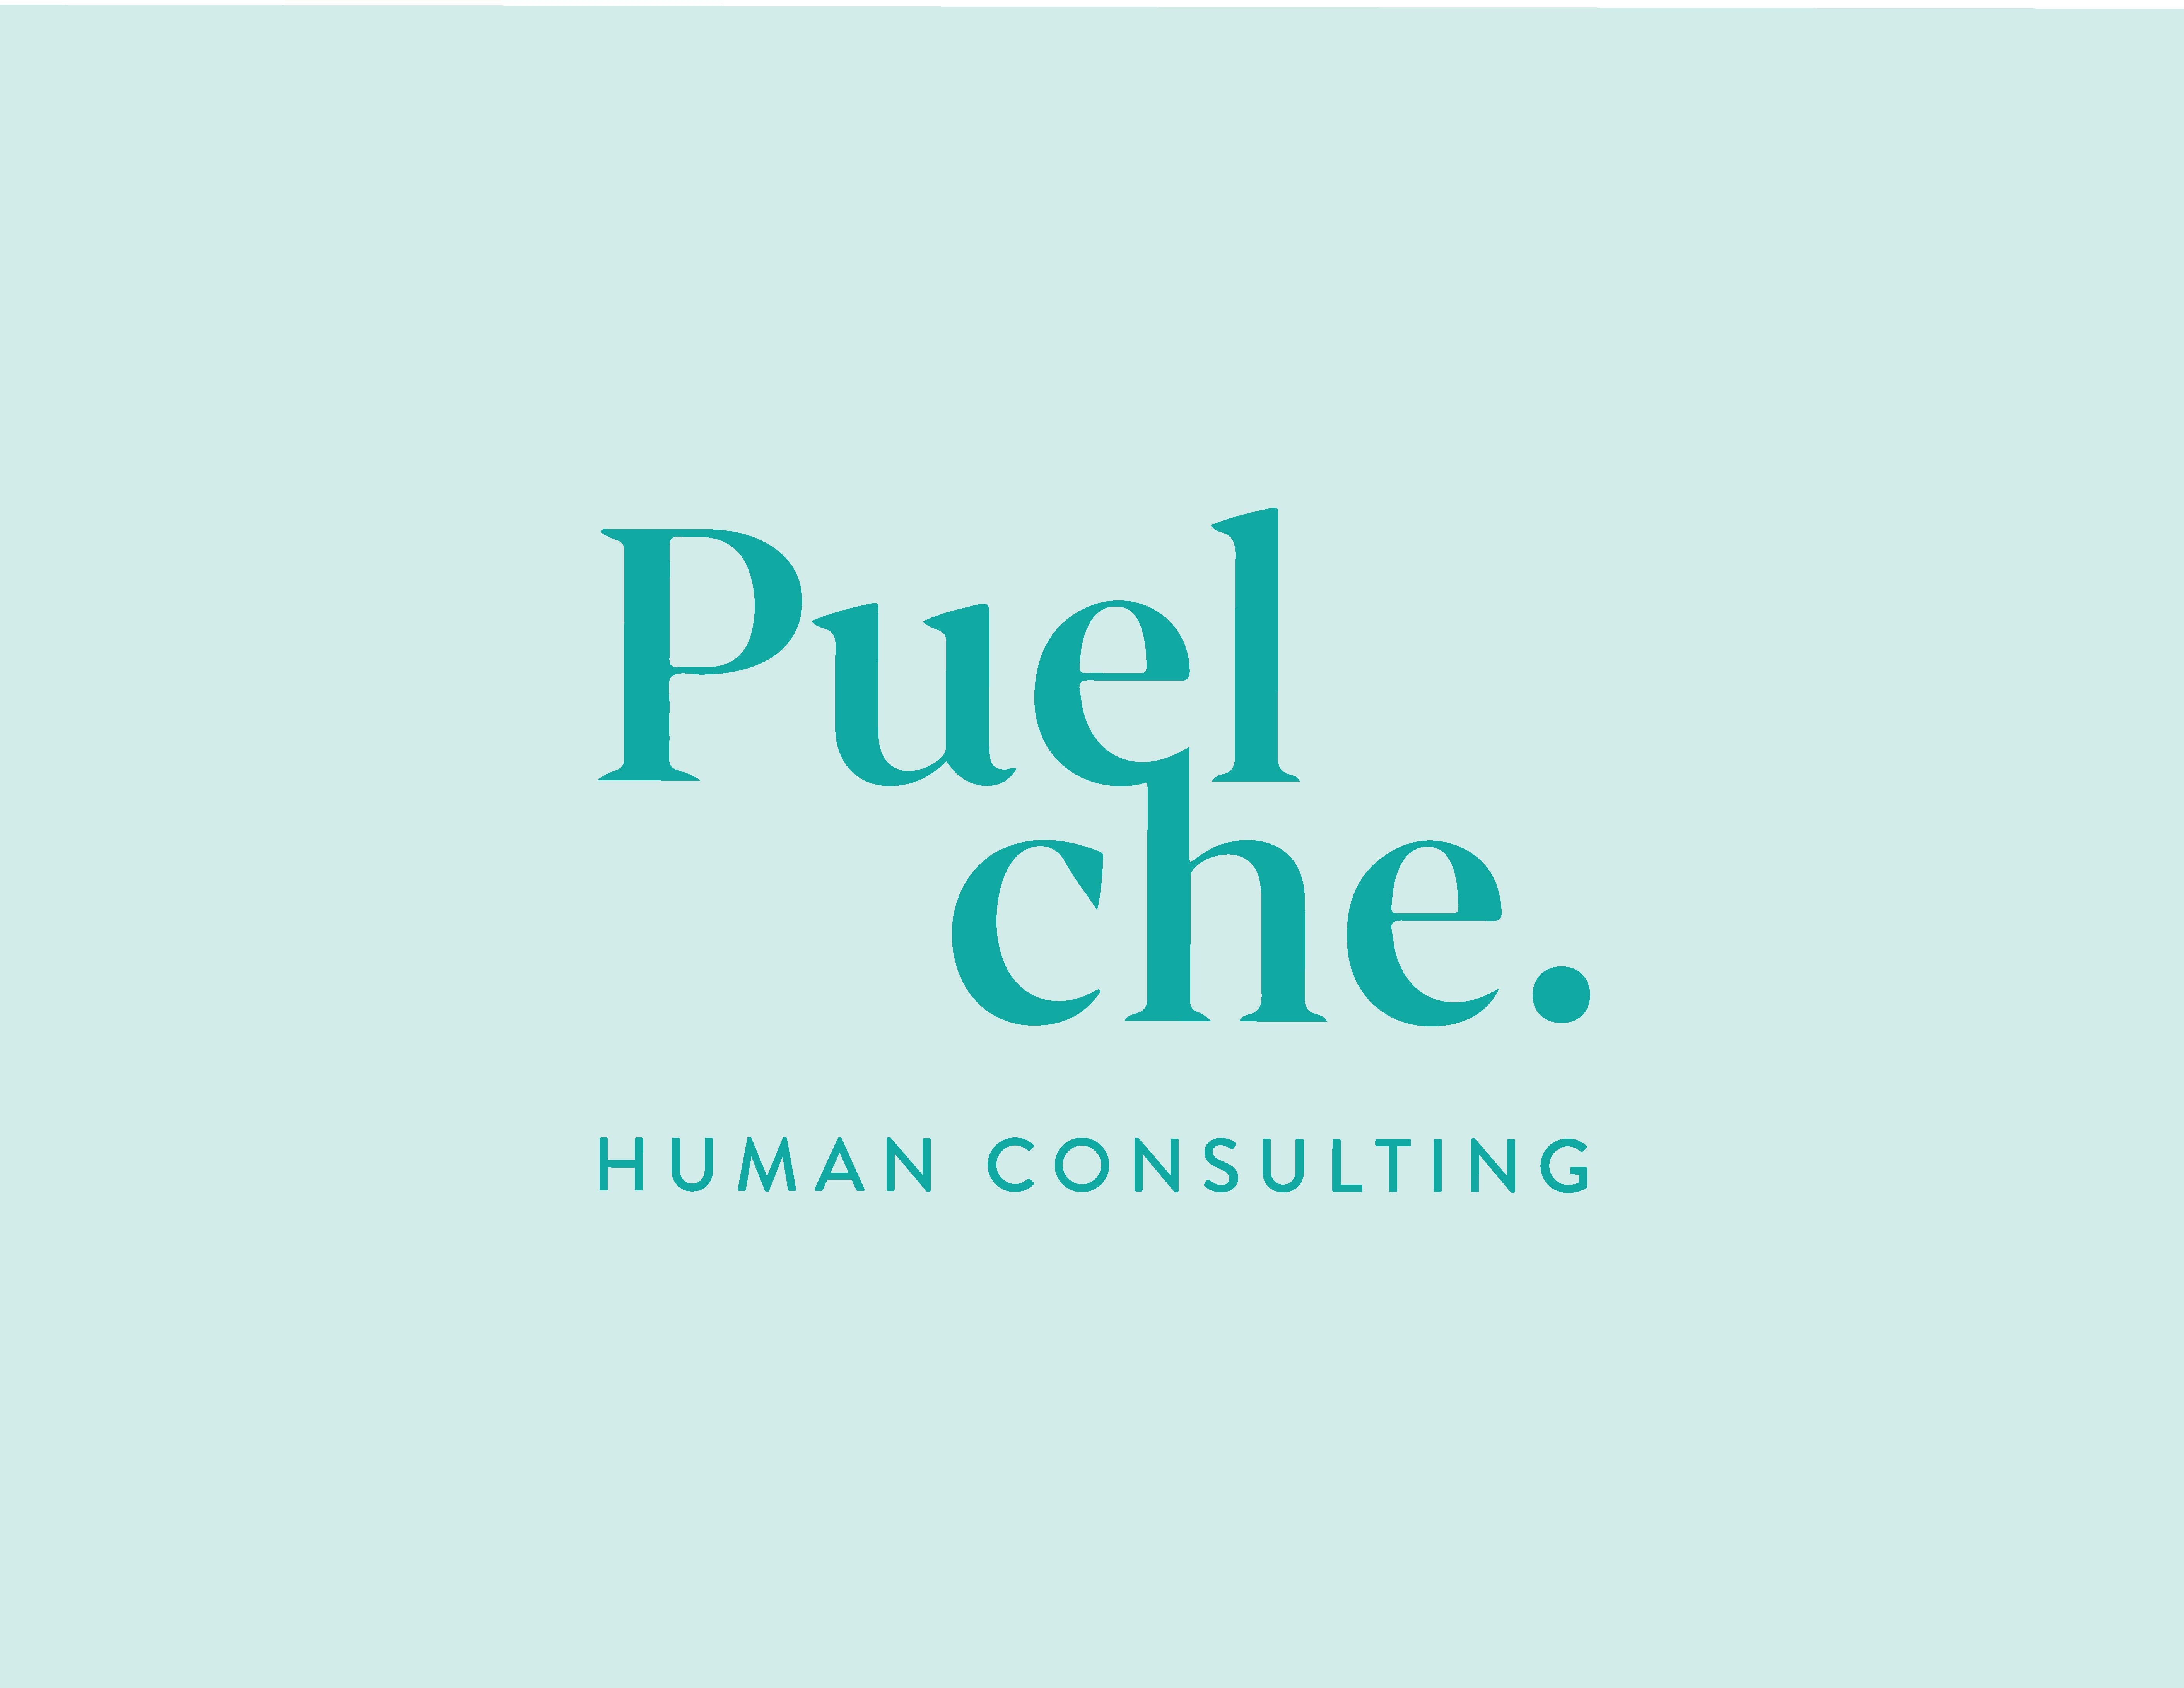 Empresas Desafio10x: Puelche Human Consulting